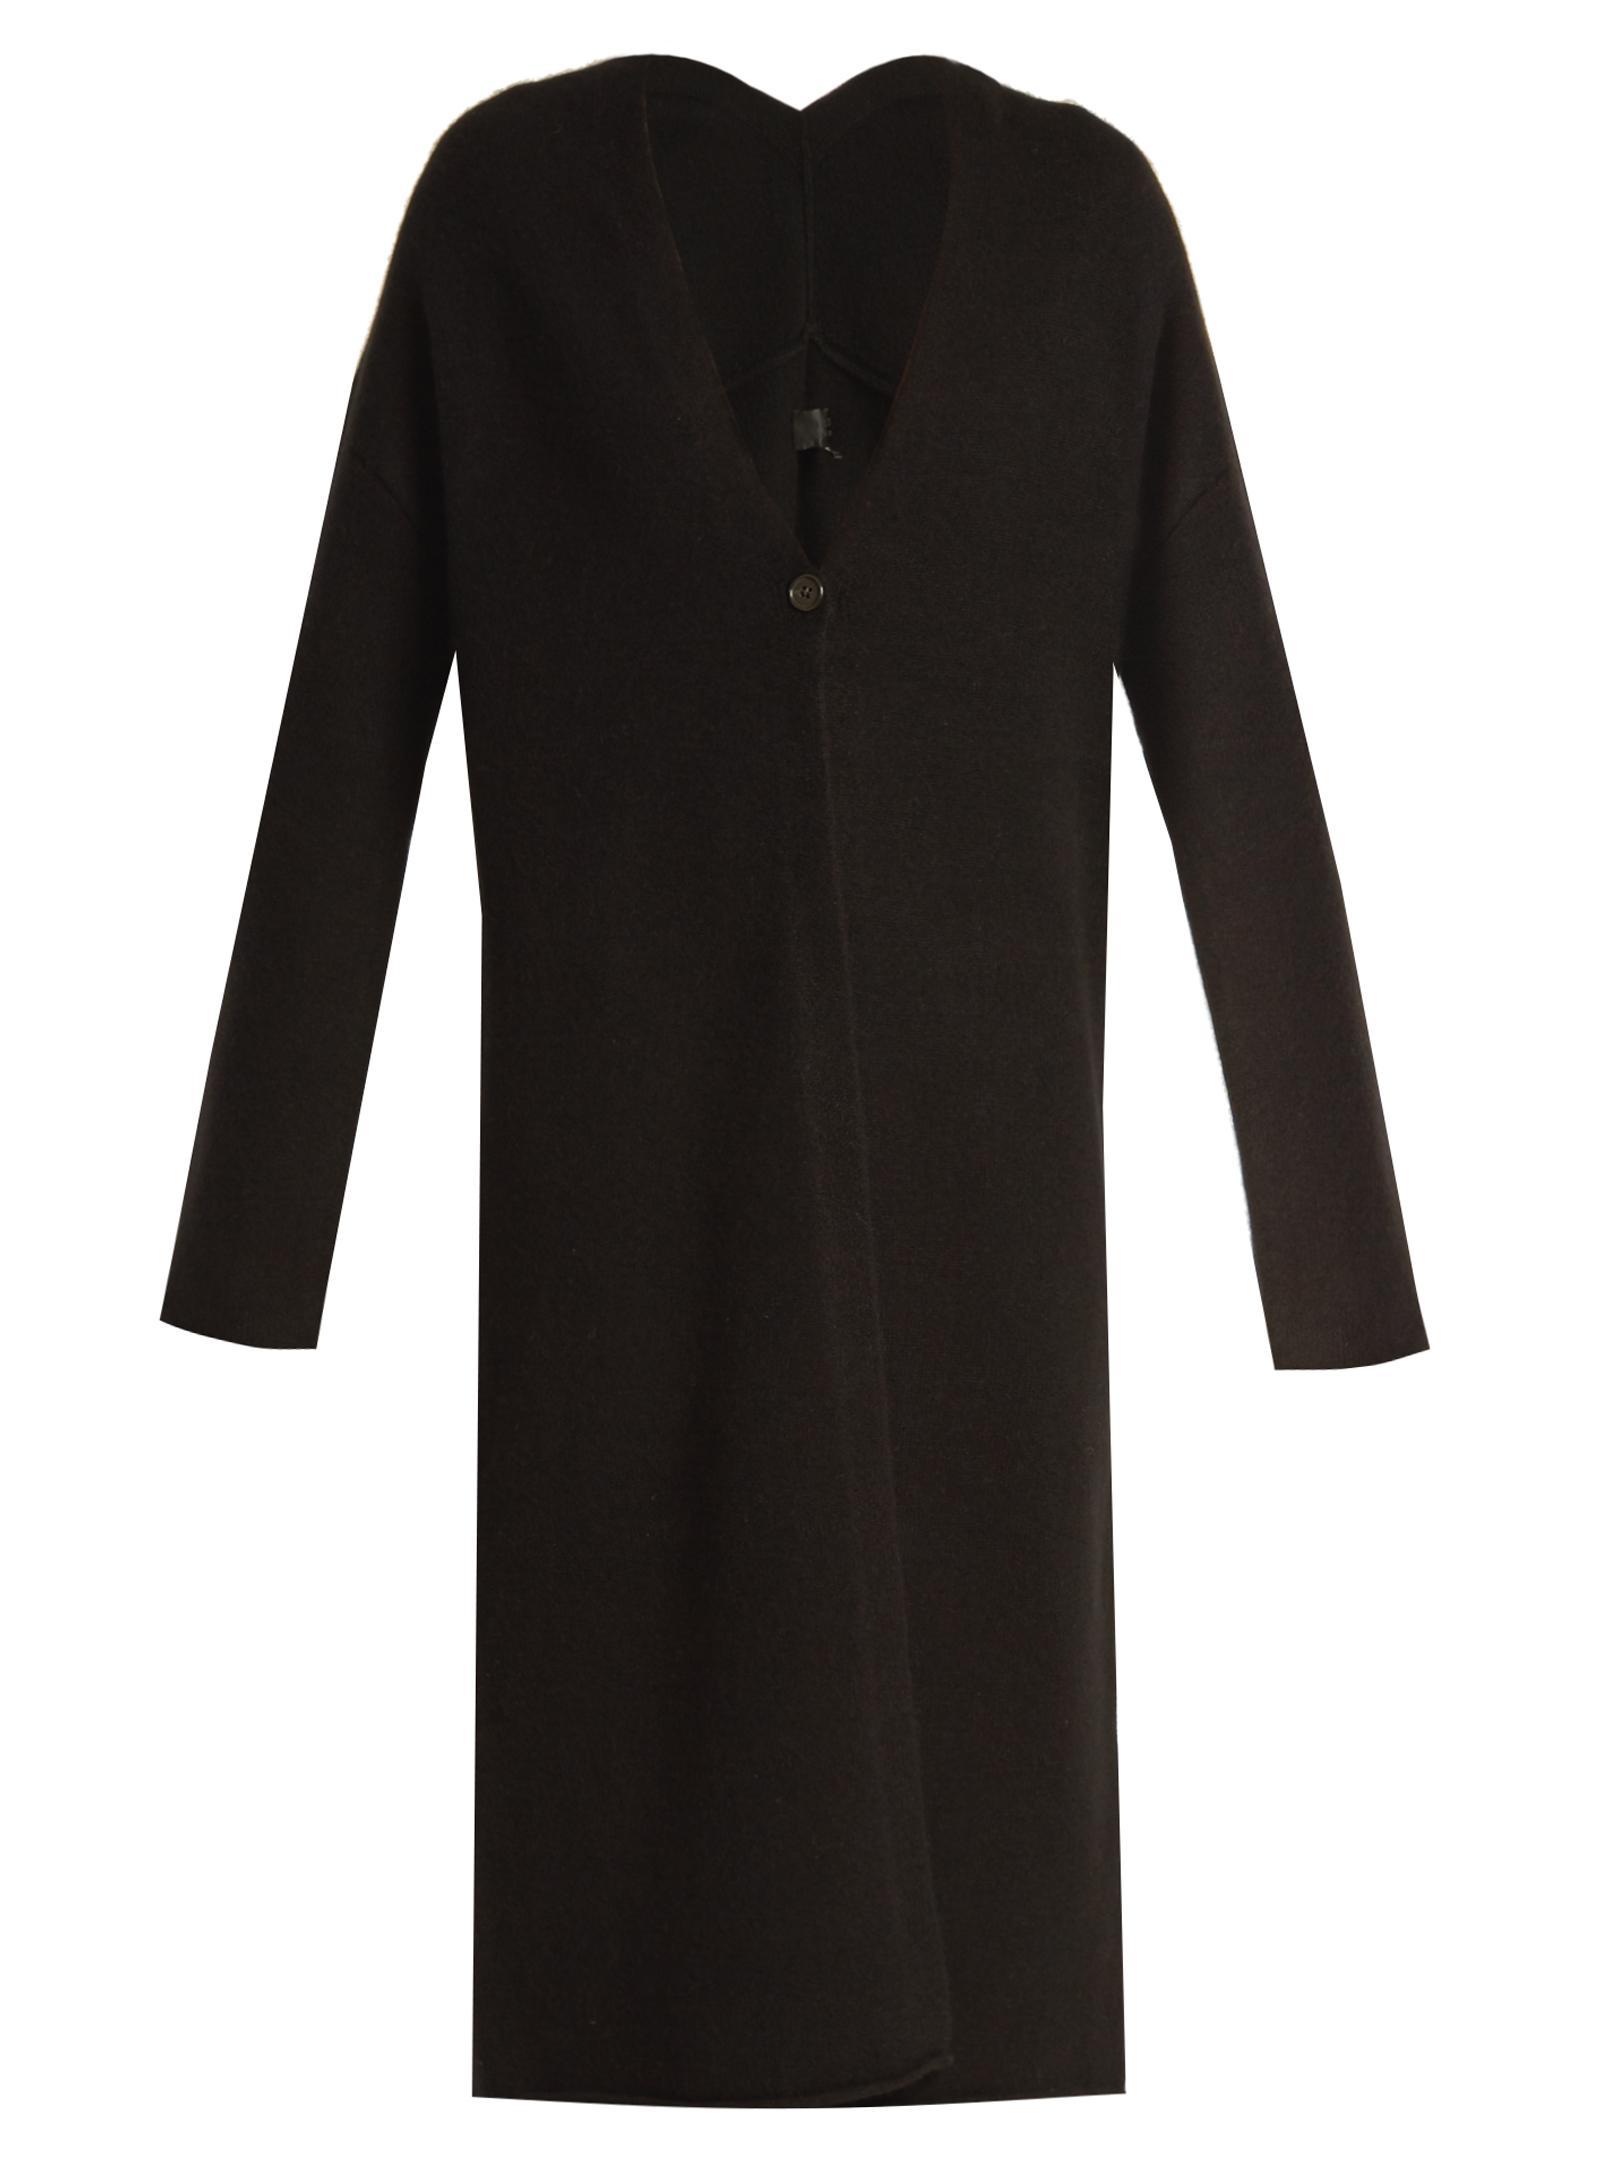 68d42e415ad68e Lyst - Nili Lotan Clarissa V-neck Cashmere Cardigan in Black